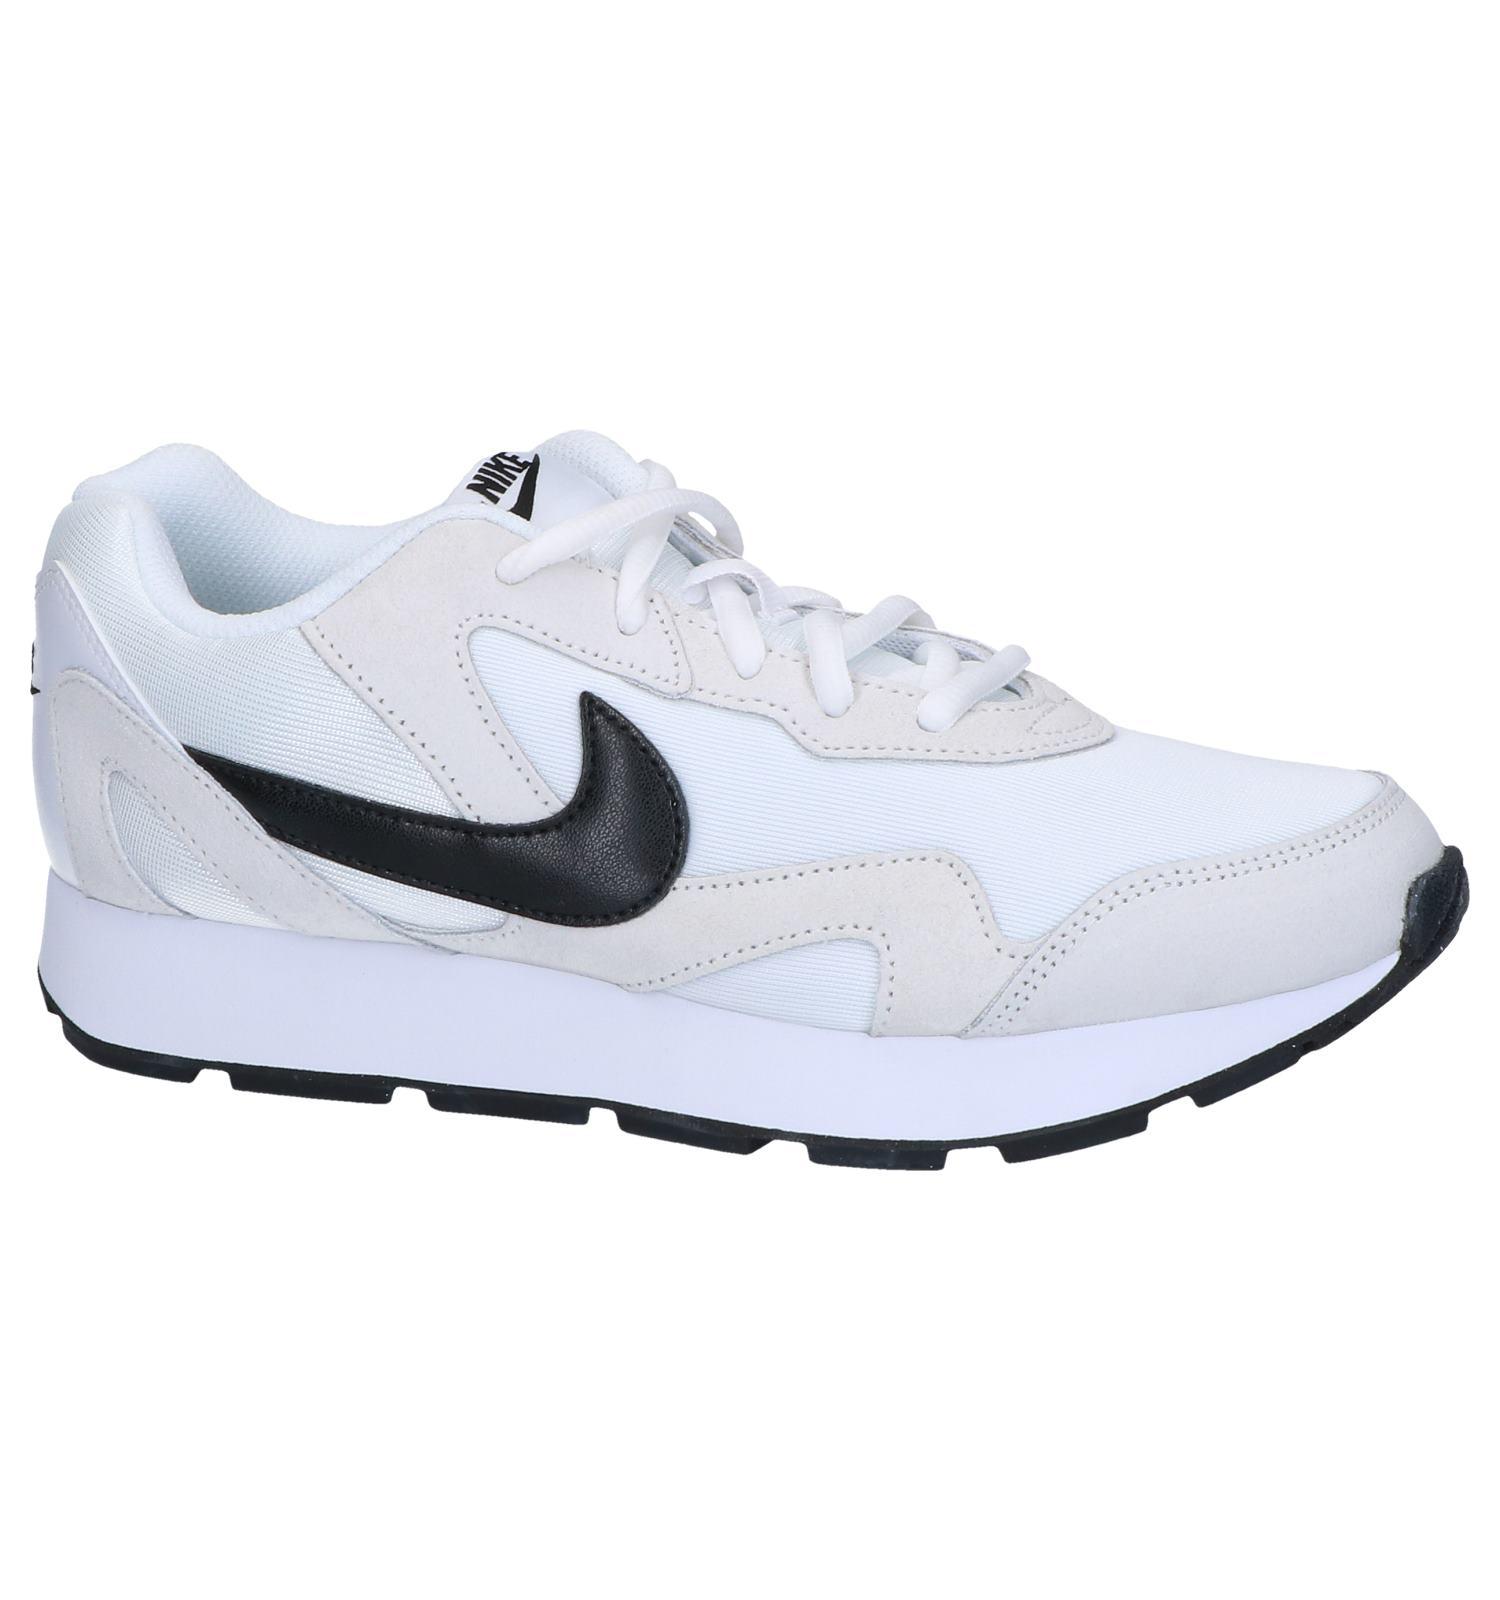 Witte Sneakers Nike Delfine | SCHOENENTORFS.NL | Gratis verzend en retour